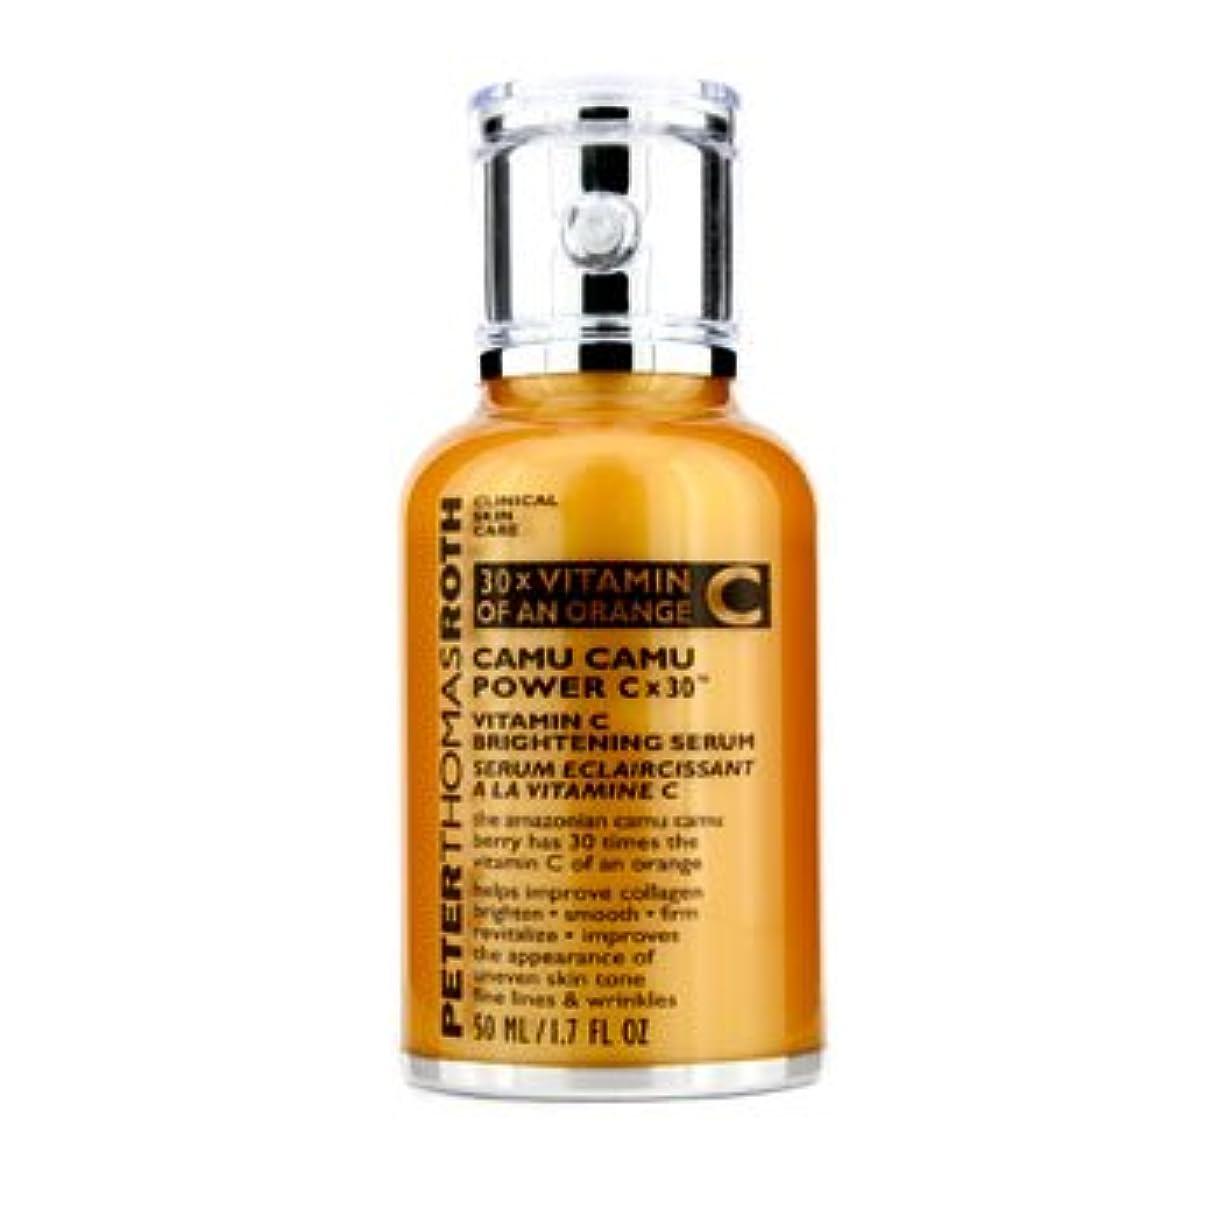 絞るフォーラムお祝い[Peter Thomas Roth] Camu Camu Power Cx30 Vitamin C Brightening Serum 50ml/1.7oz